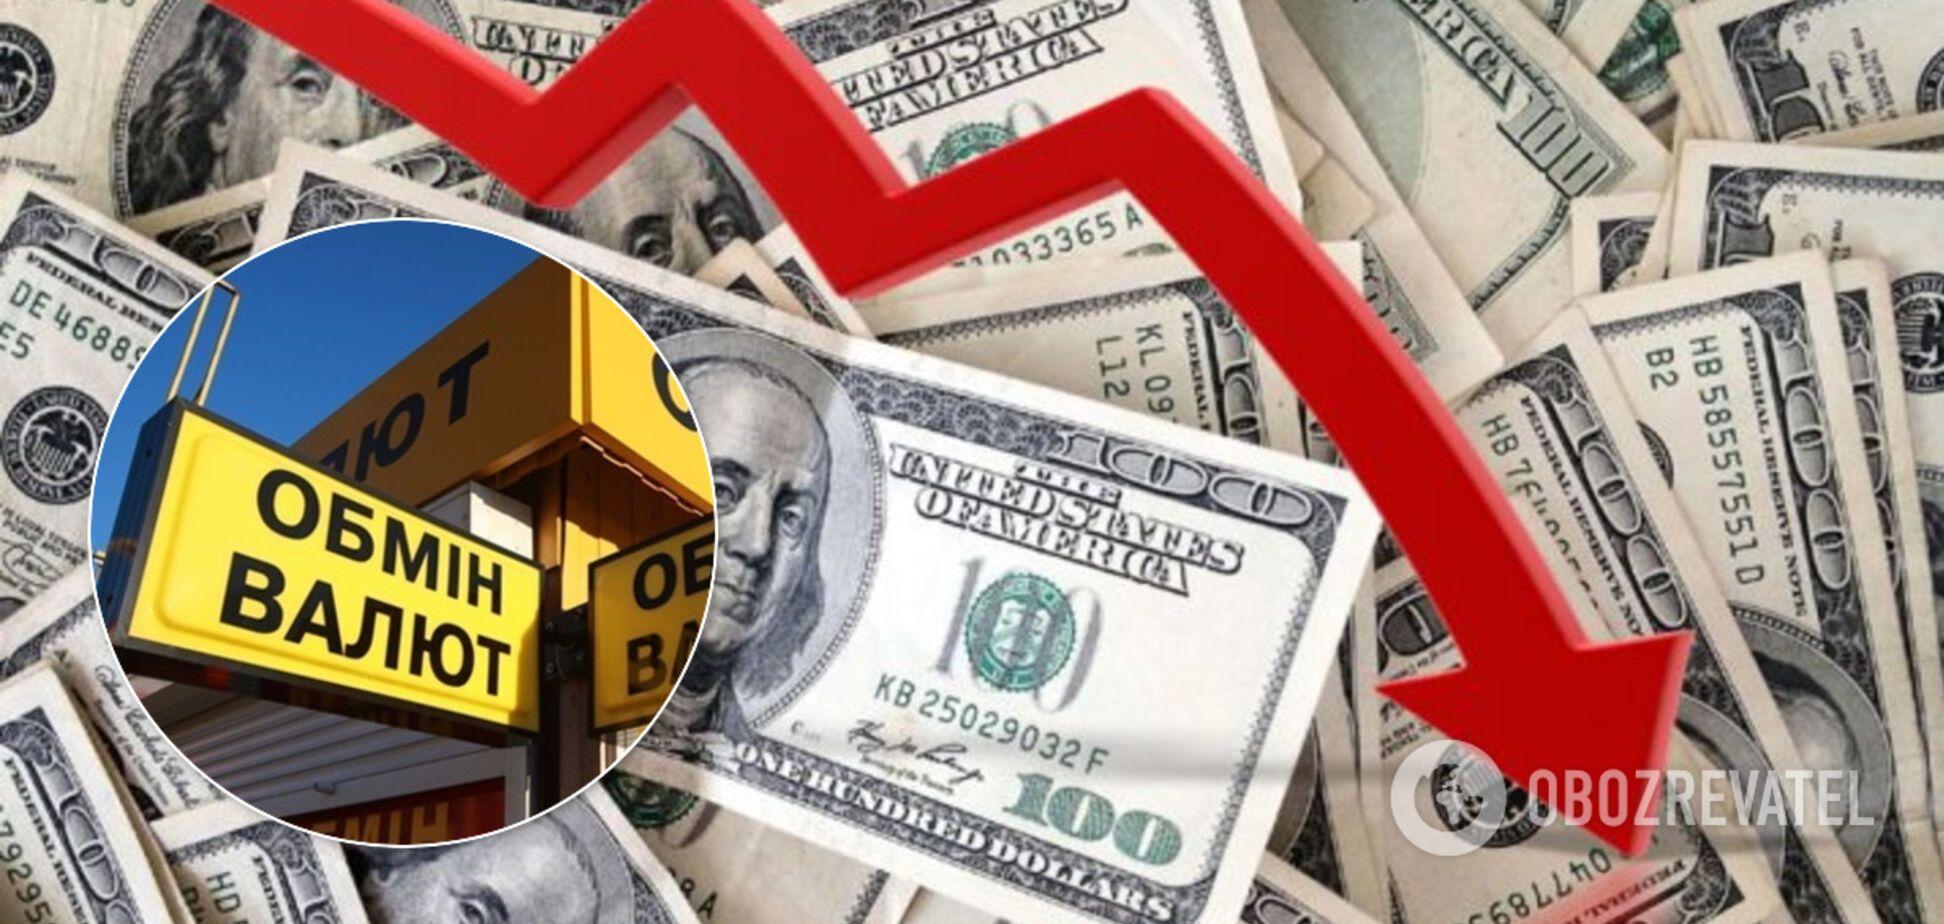 Украинцев ждет новый курс доллара: аналитики спрогнозировали стоимость